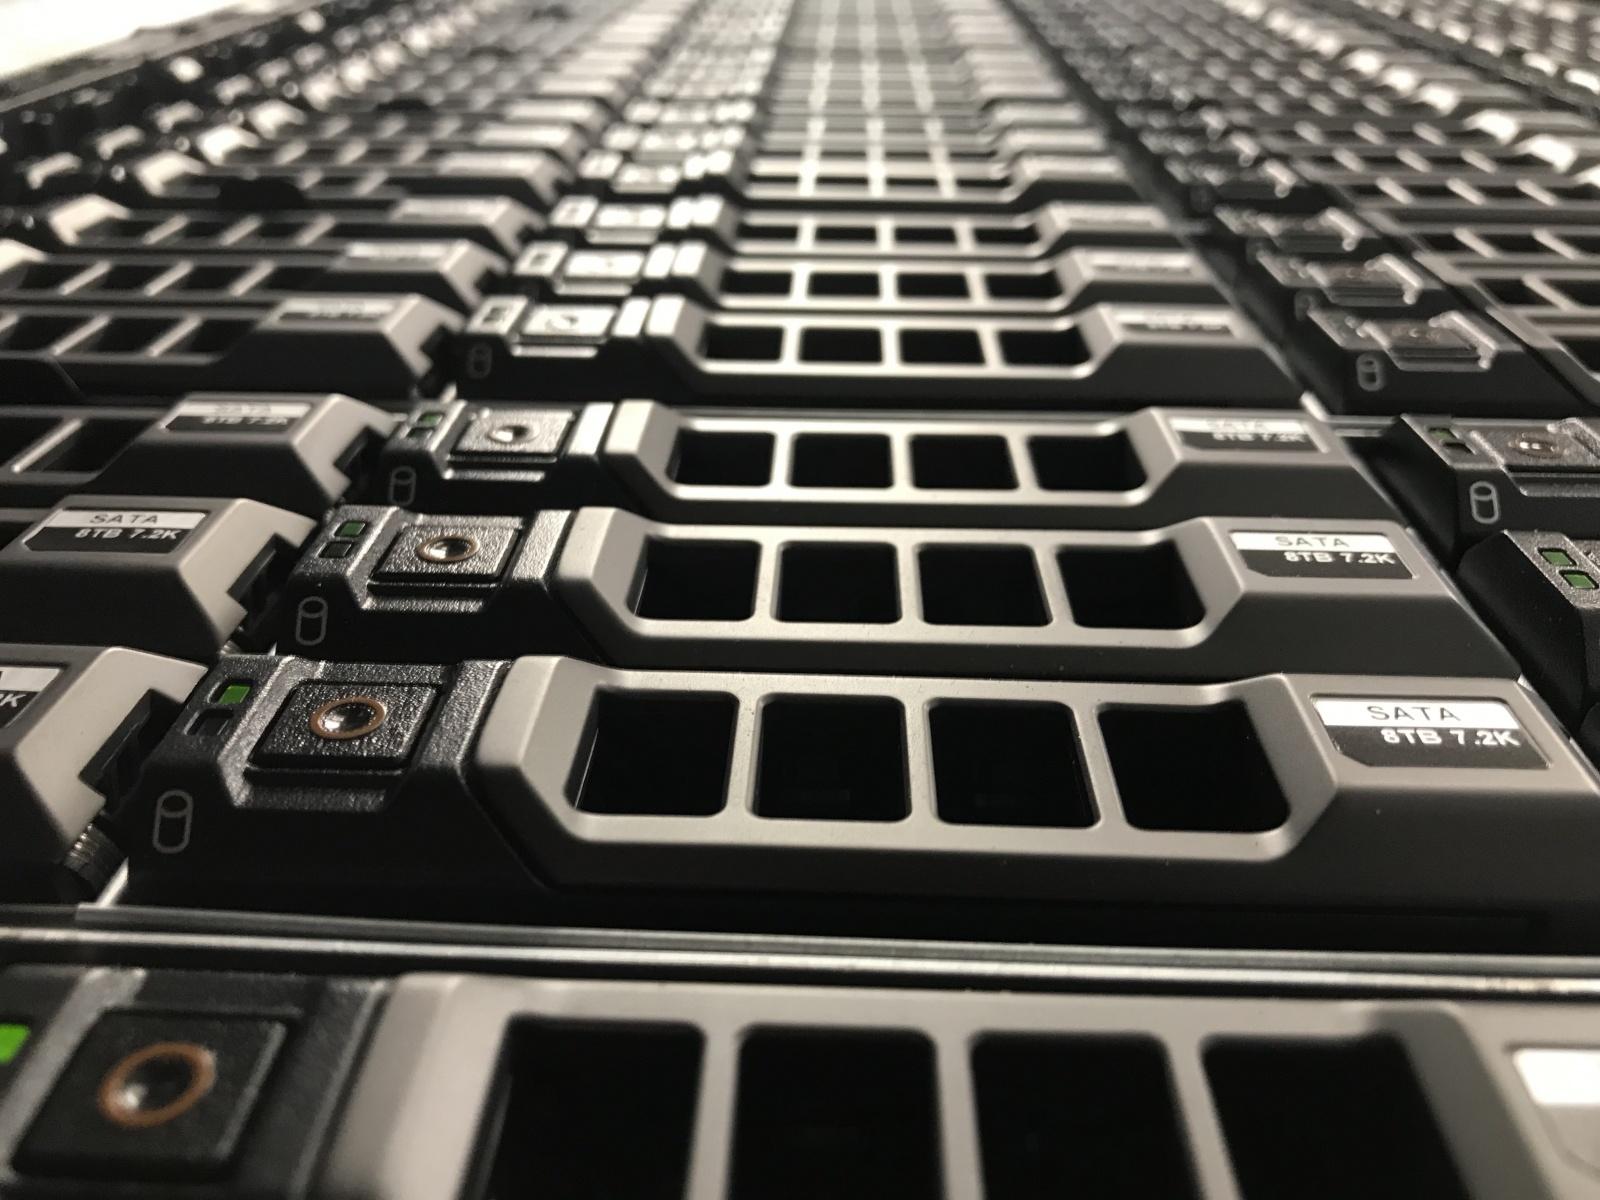 Как мы организовали хранилище данных дешевле Amazon Simple Storage Service на 35% - 1